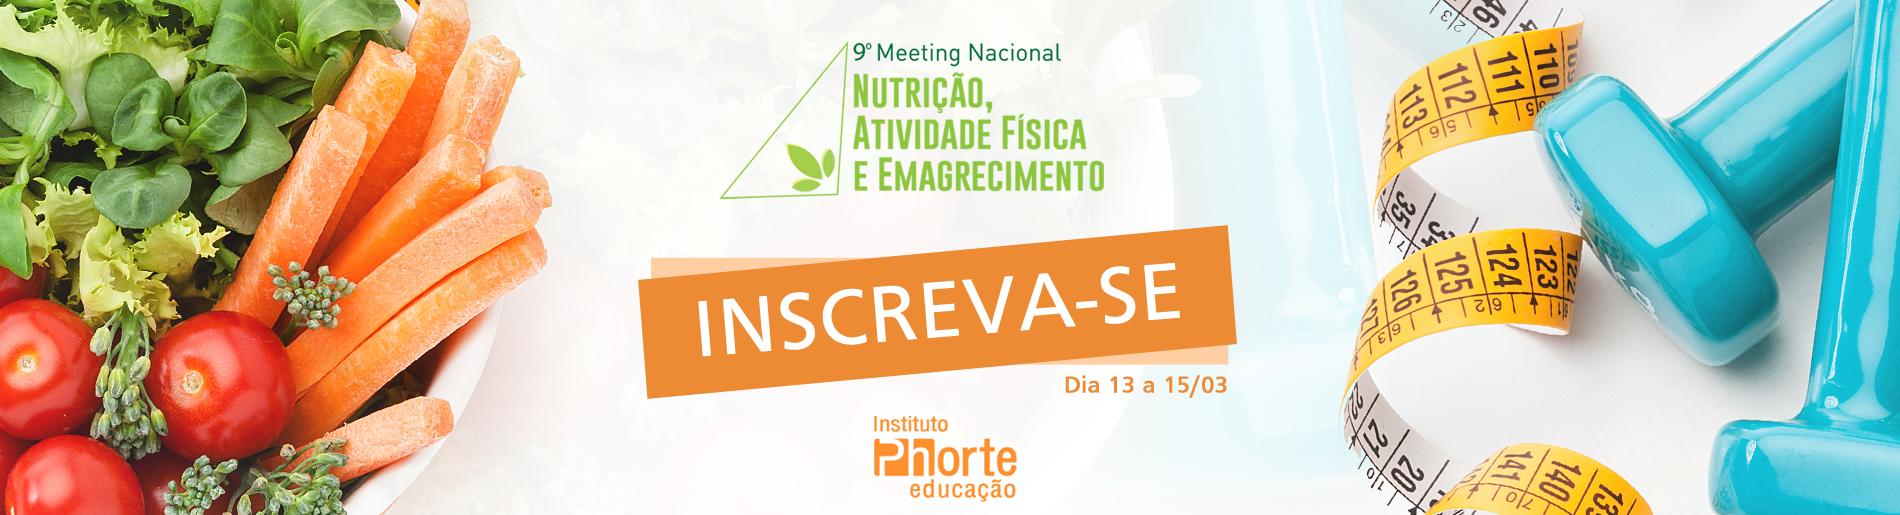 9º Meeting Nacional de Nutrição, Atividade Física e Emagrecimento